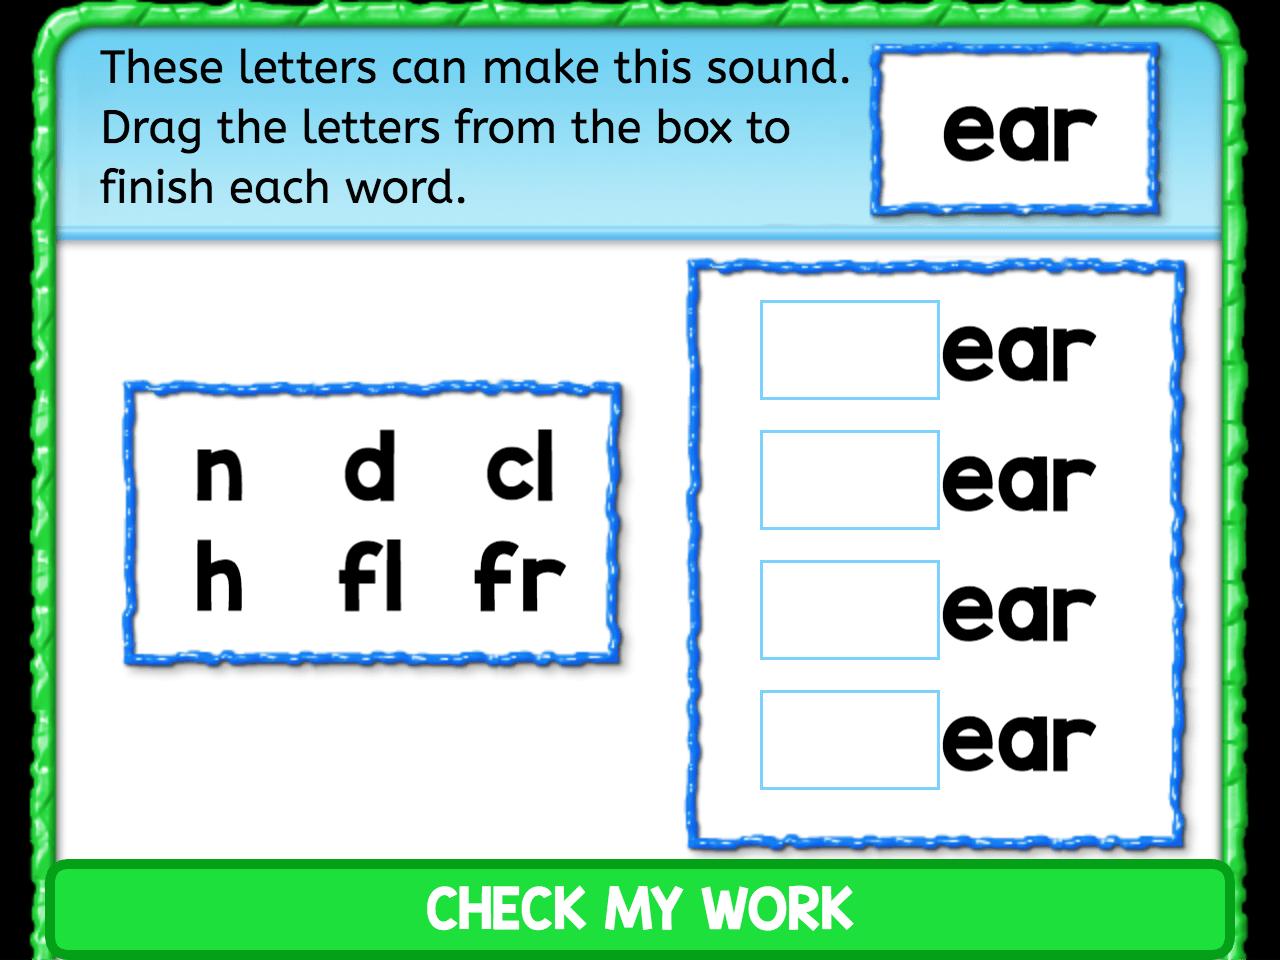 Ear Ending Sounds